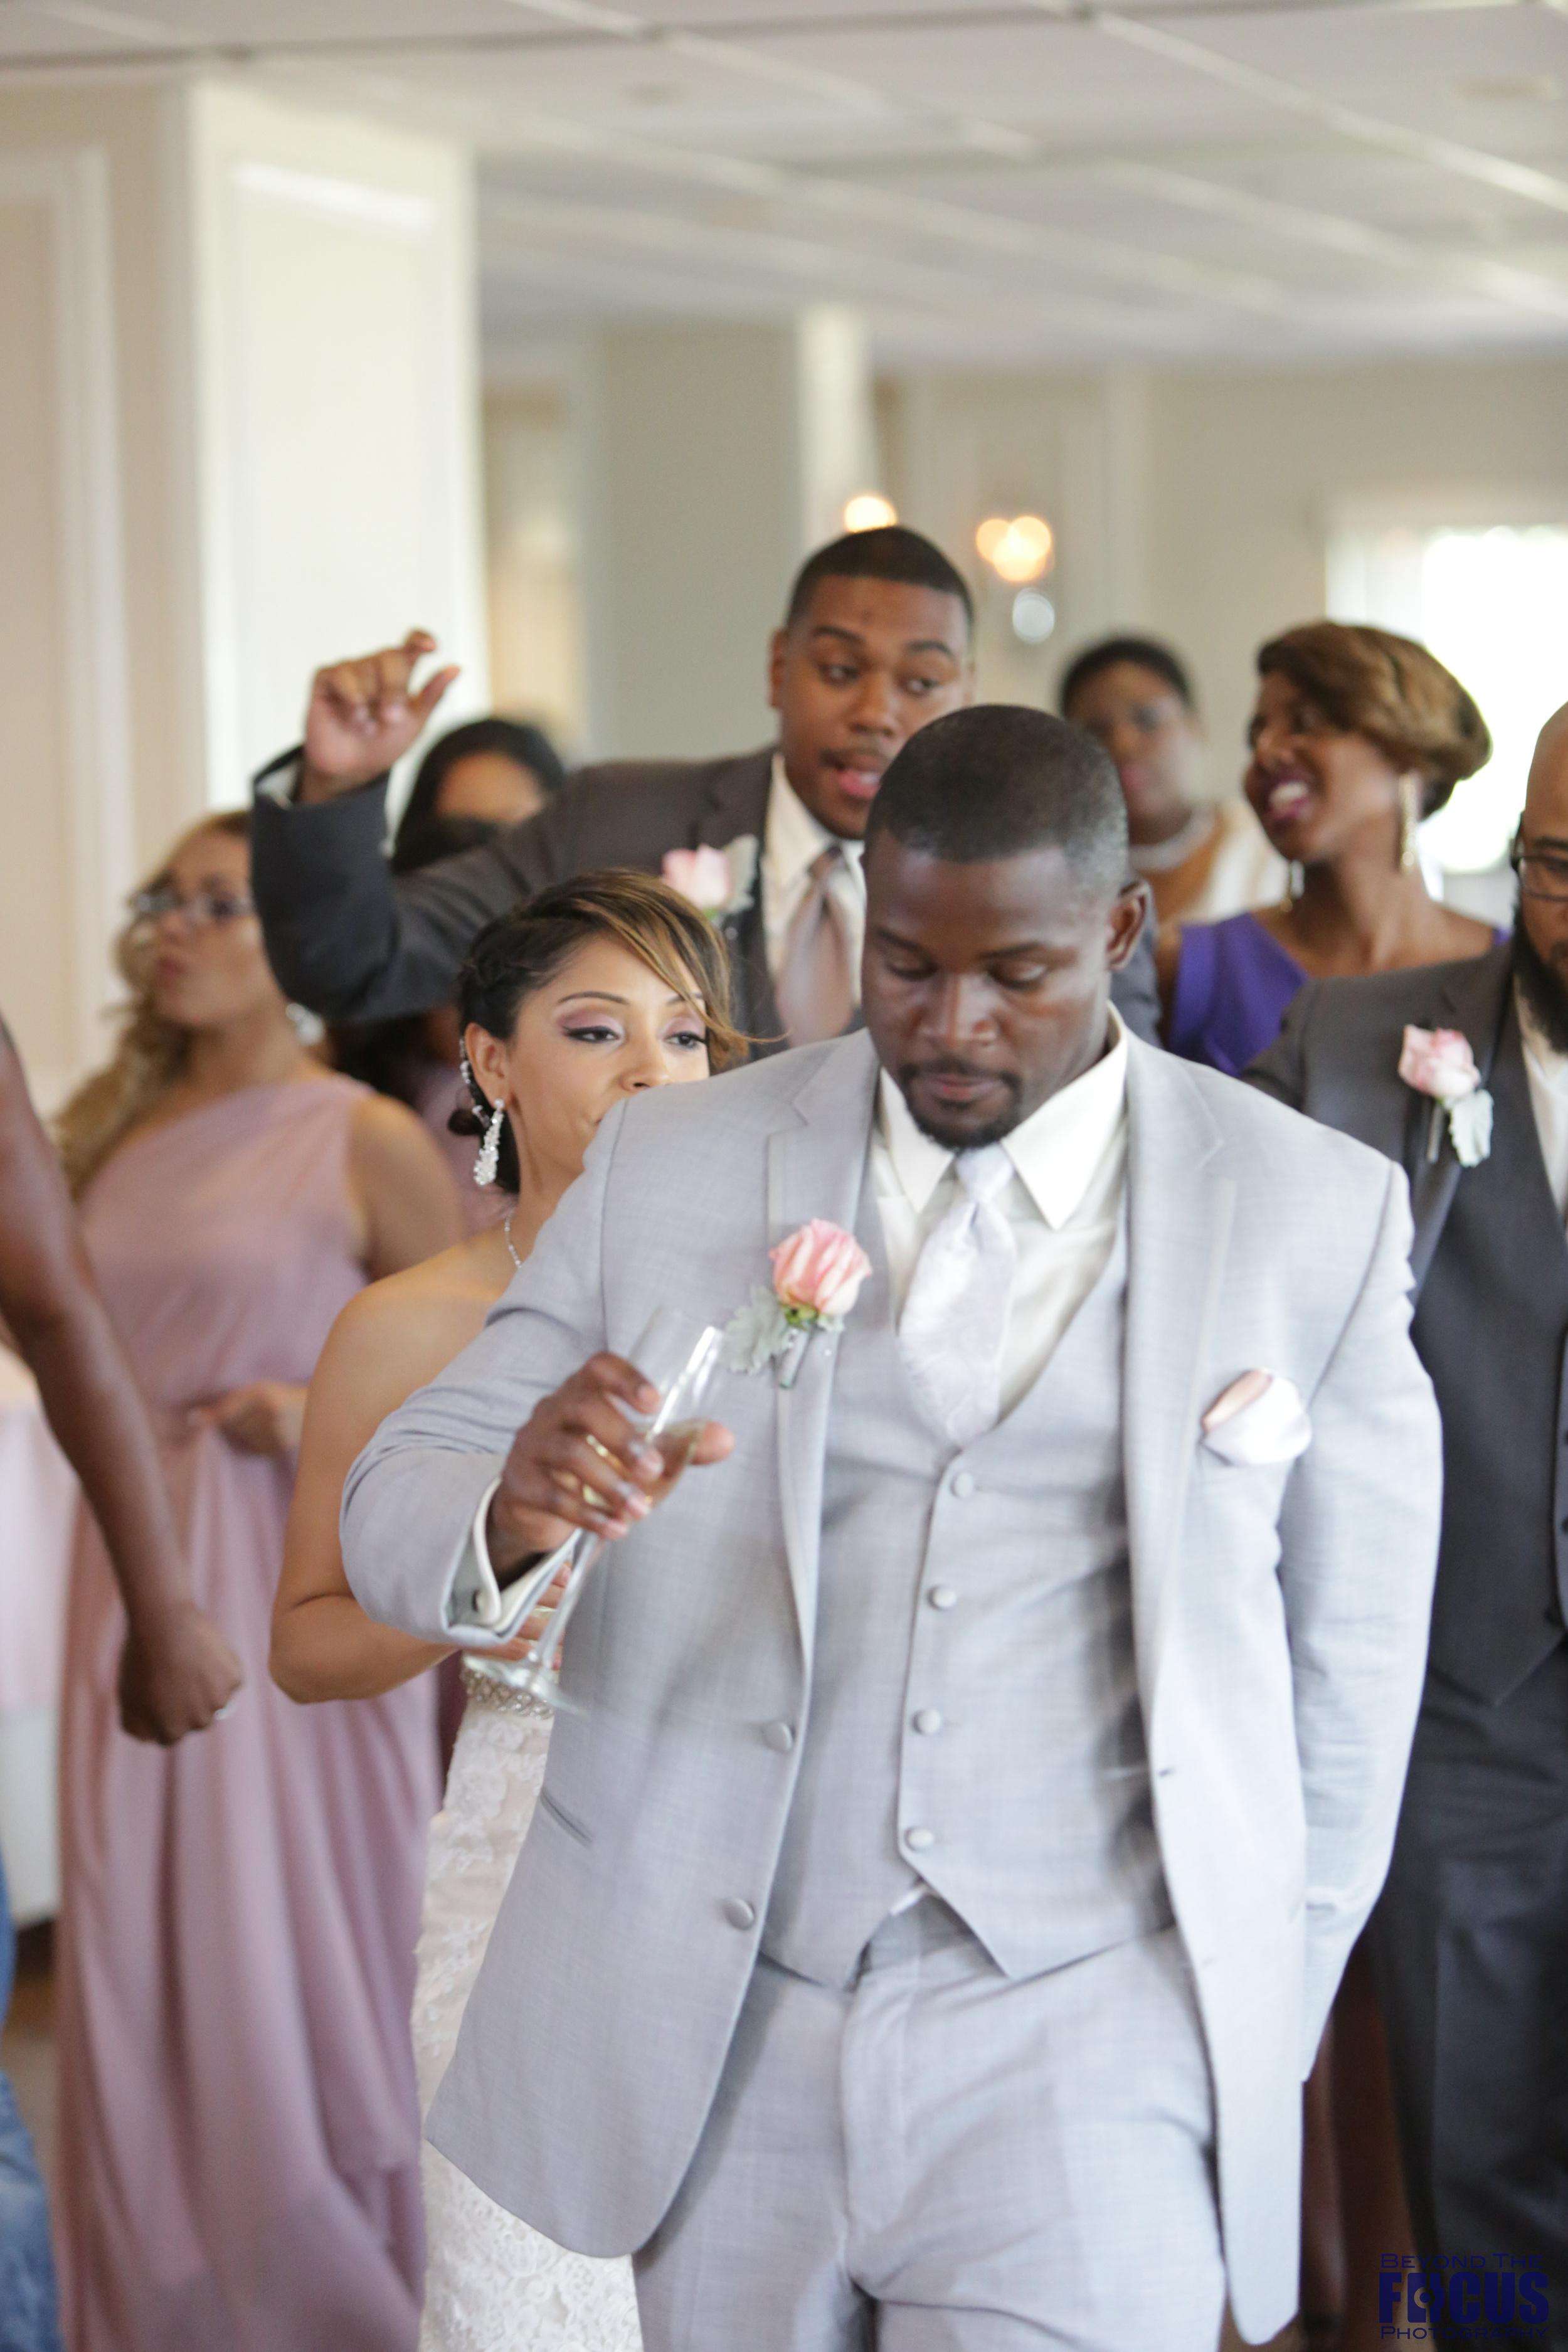 Palmer Wedding - Reception 23.jpg